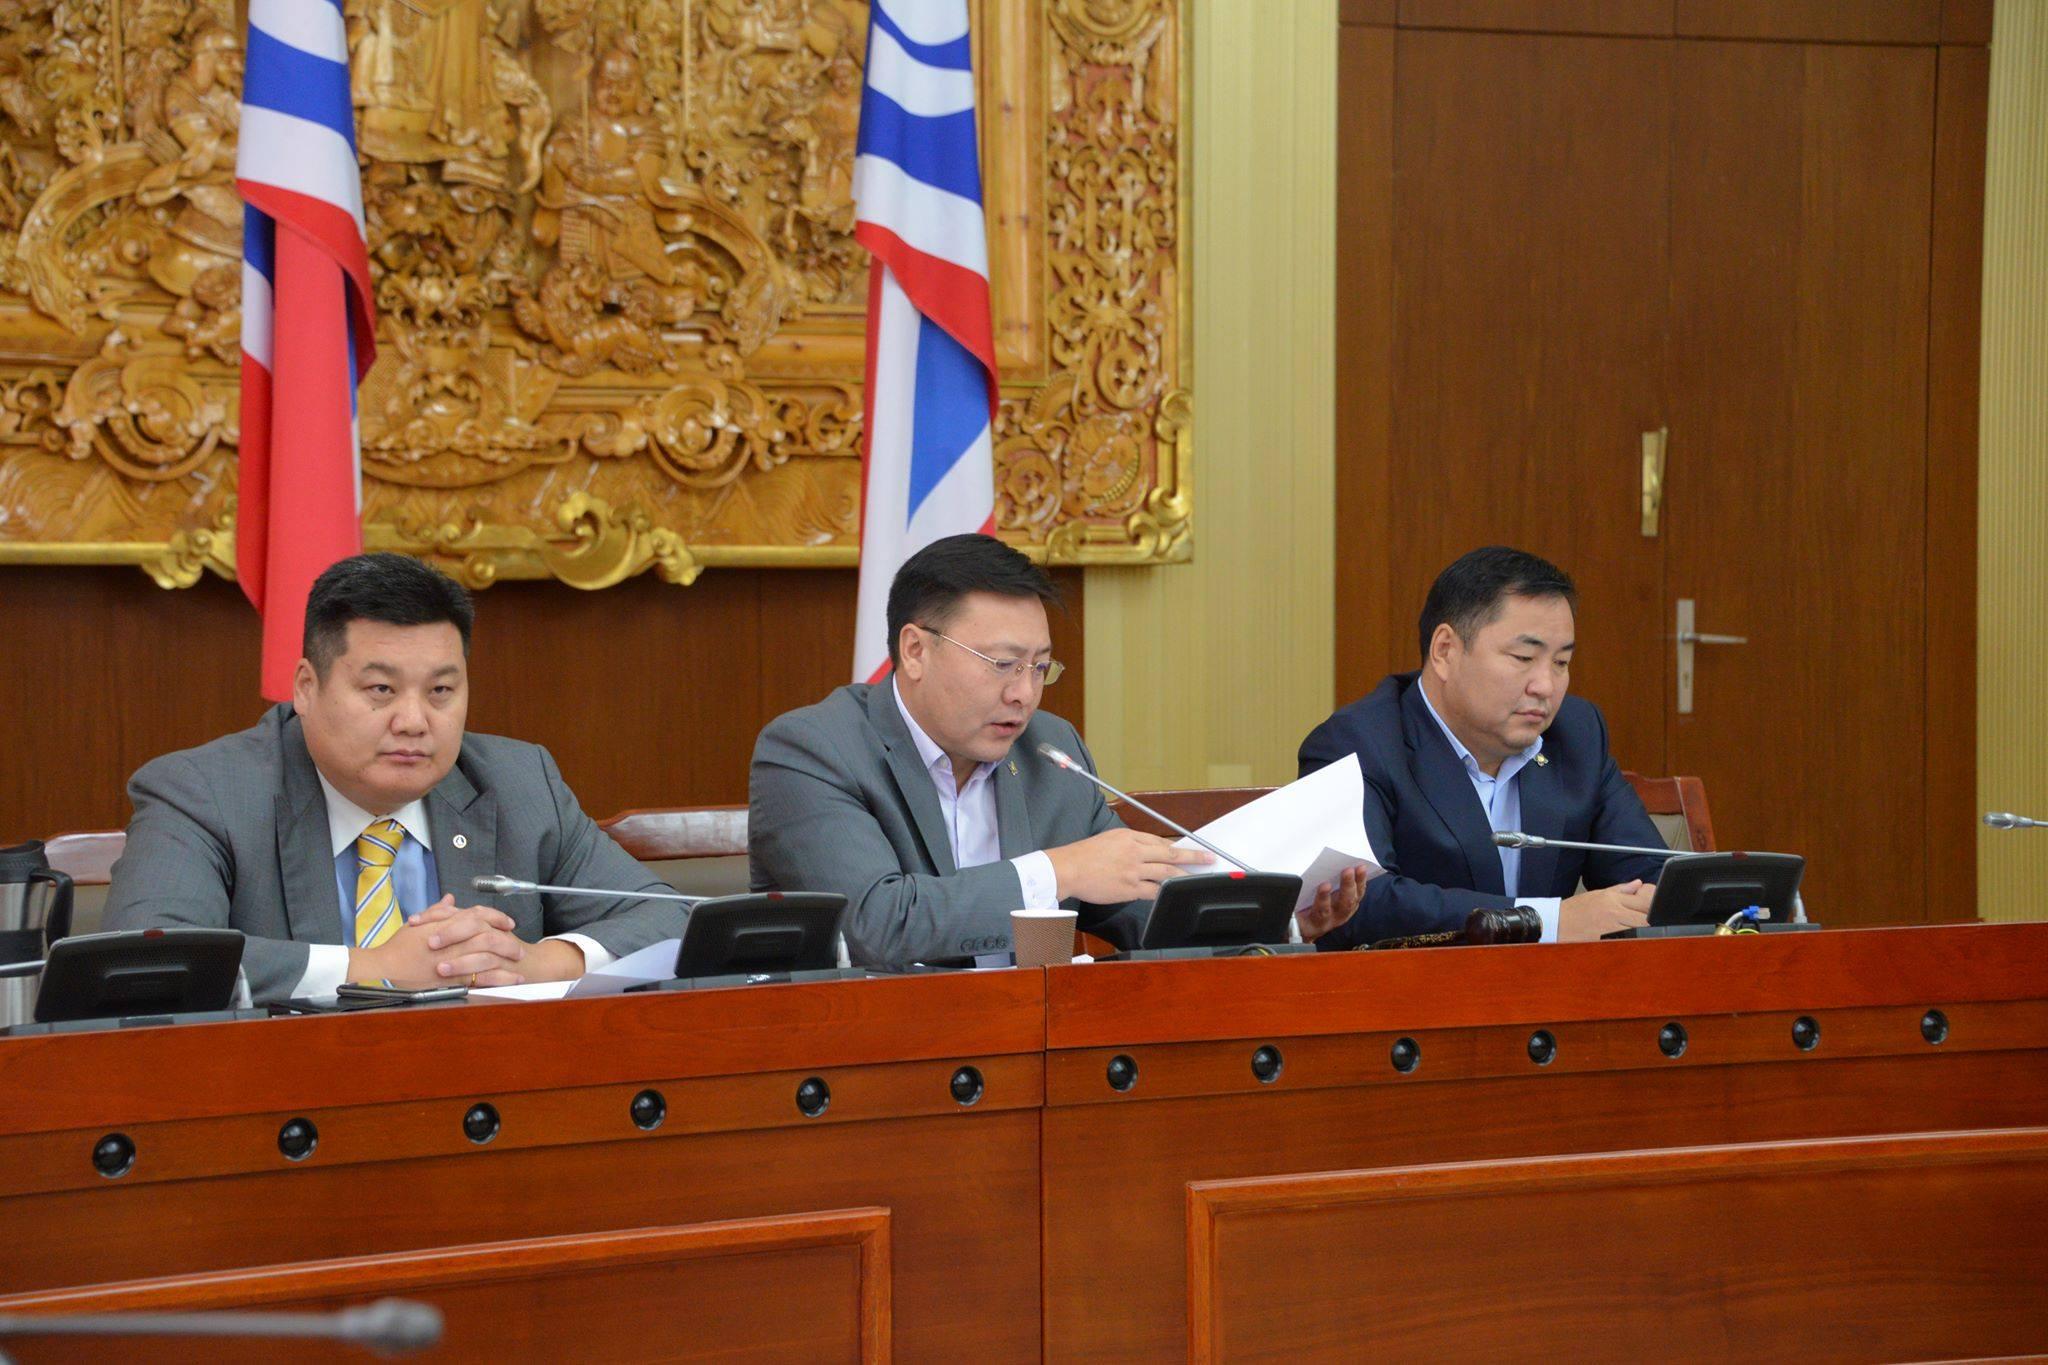 Монгол Улсын Үндсэн хууль зөрчсөн мөн ашиг сонирхолын зөрчилтэй Засгийн газрын бүрэлдэхүүнийг дэмжихгүй